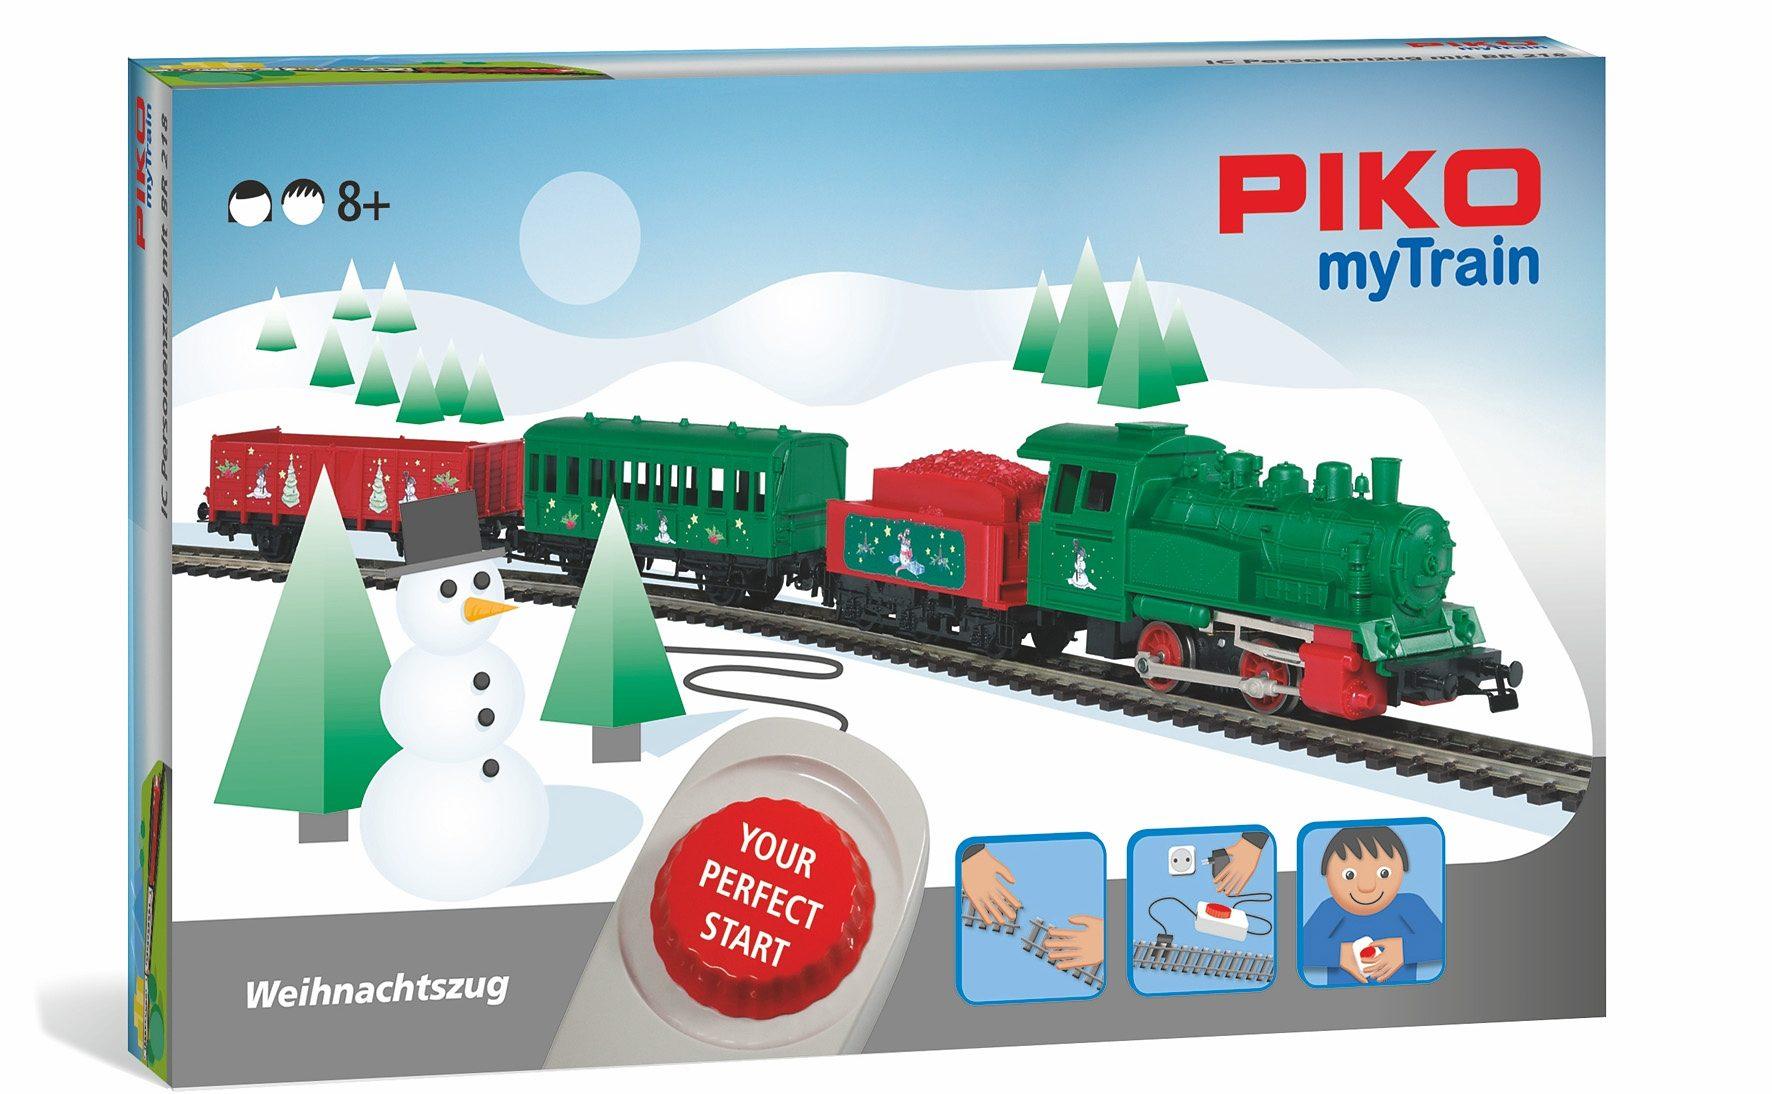 PIKO Modelleisenbahn Startset, »PIKO myTrain, Weihnachten mit Dampflok, DB - Gleichstrom« Spur H0